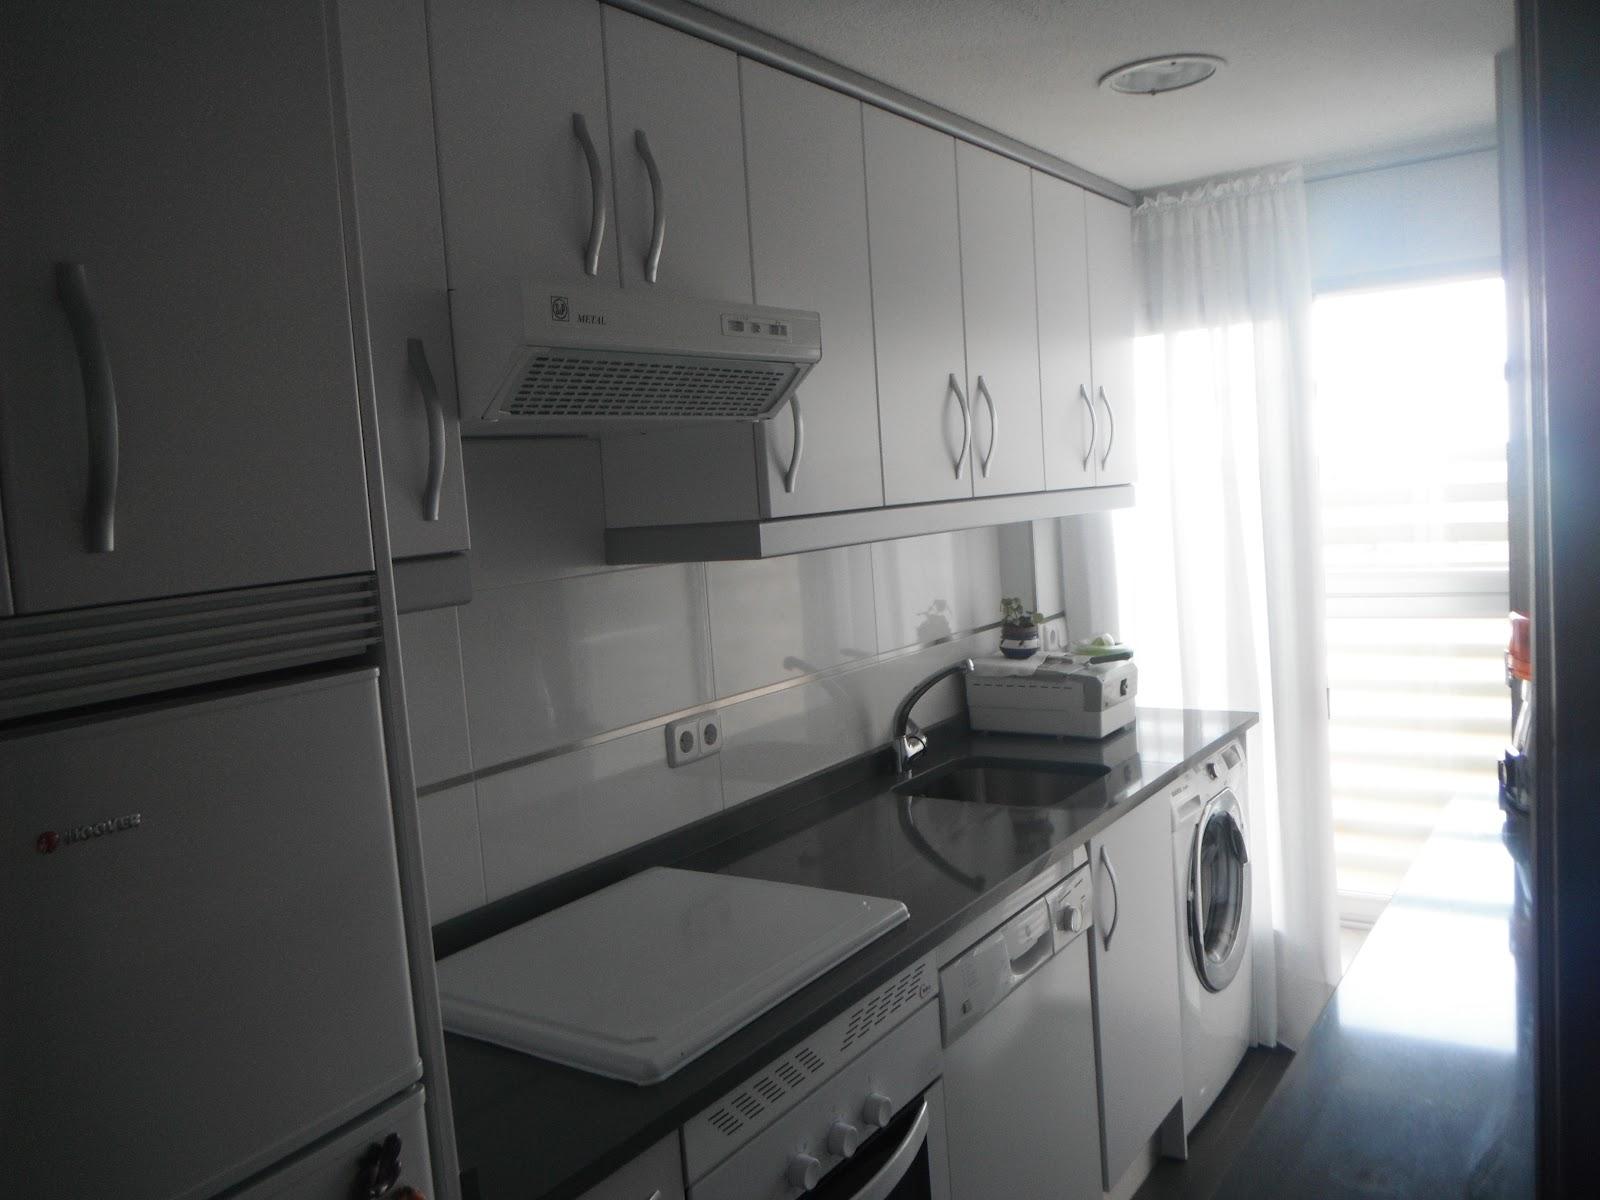 Laminado blanco mate encimera compac plomo remates gris - Remates de muebles de cocina ...